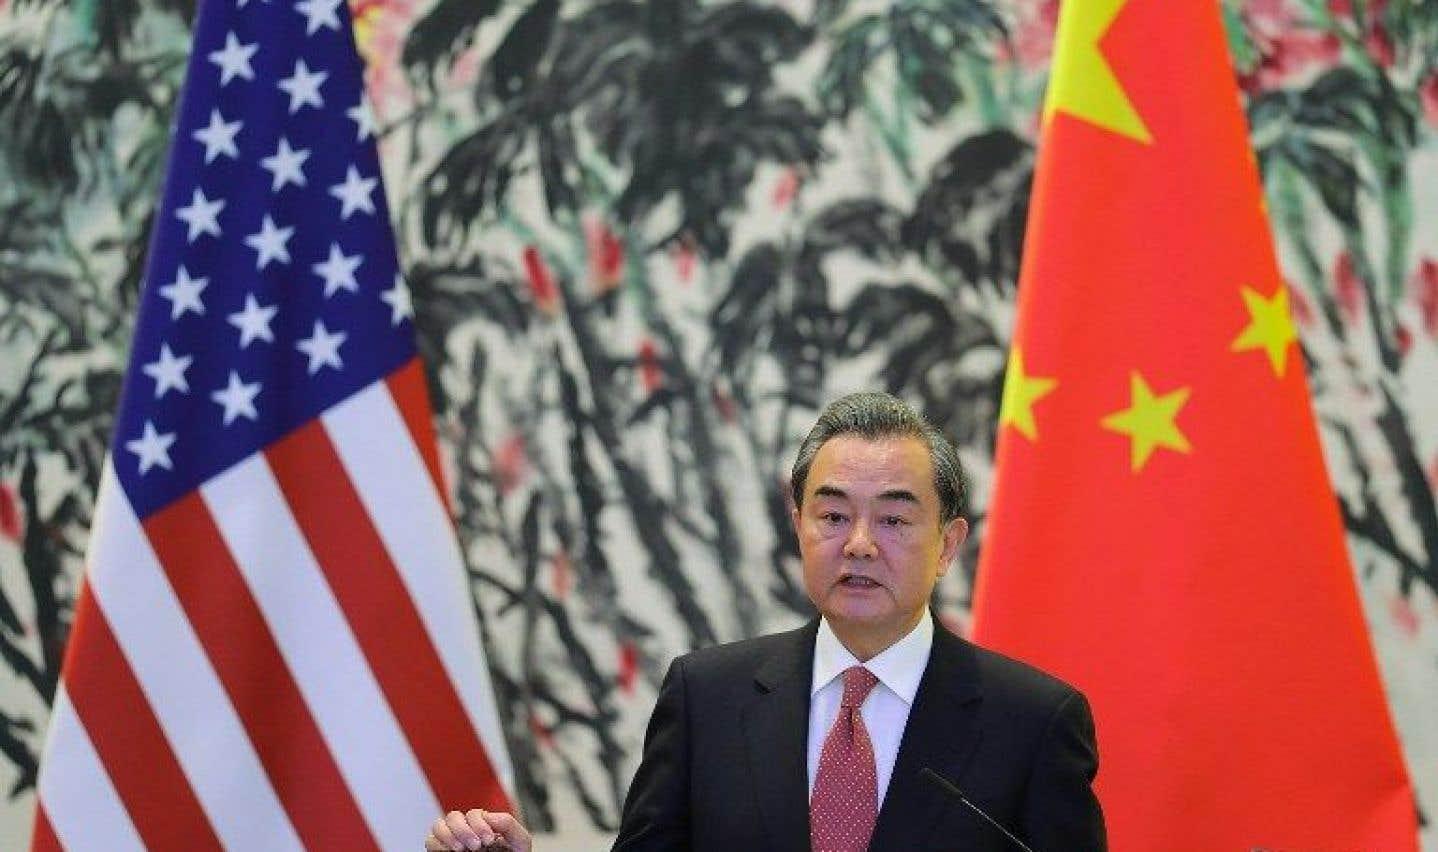 La Chine et les États-Unis promettent de coopérer dans le dossier de la Corée du Nord